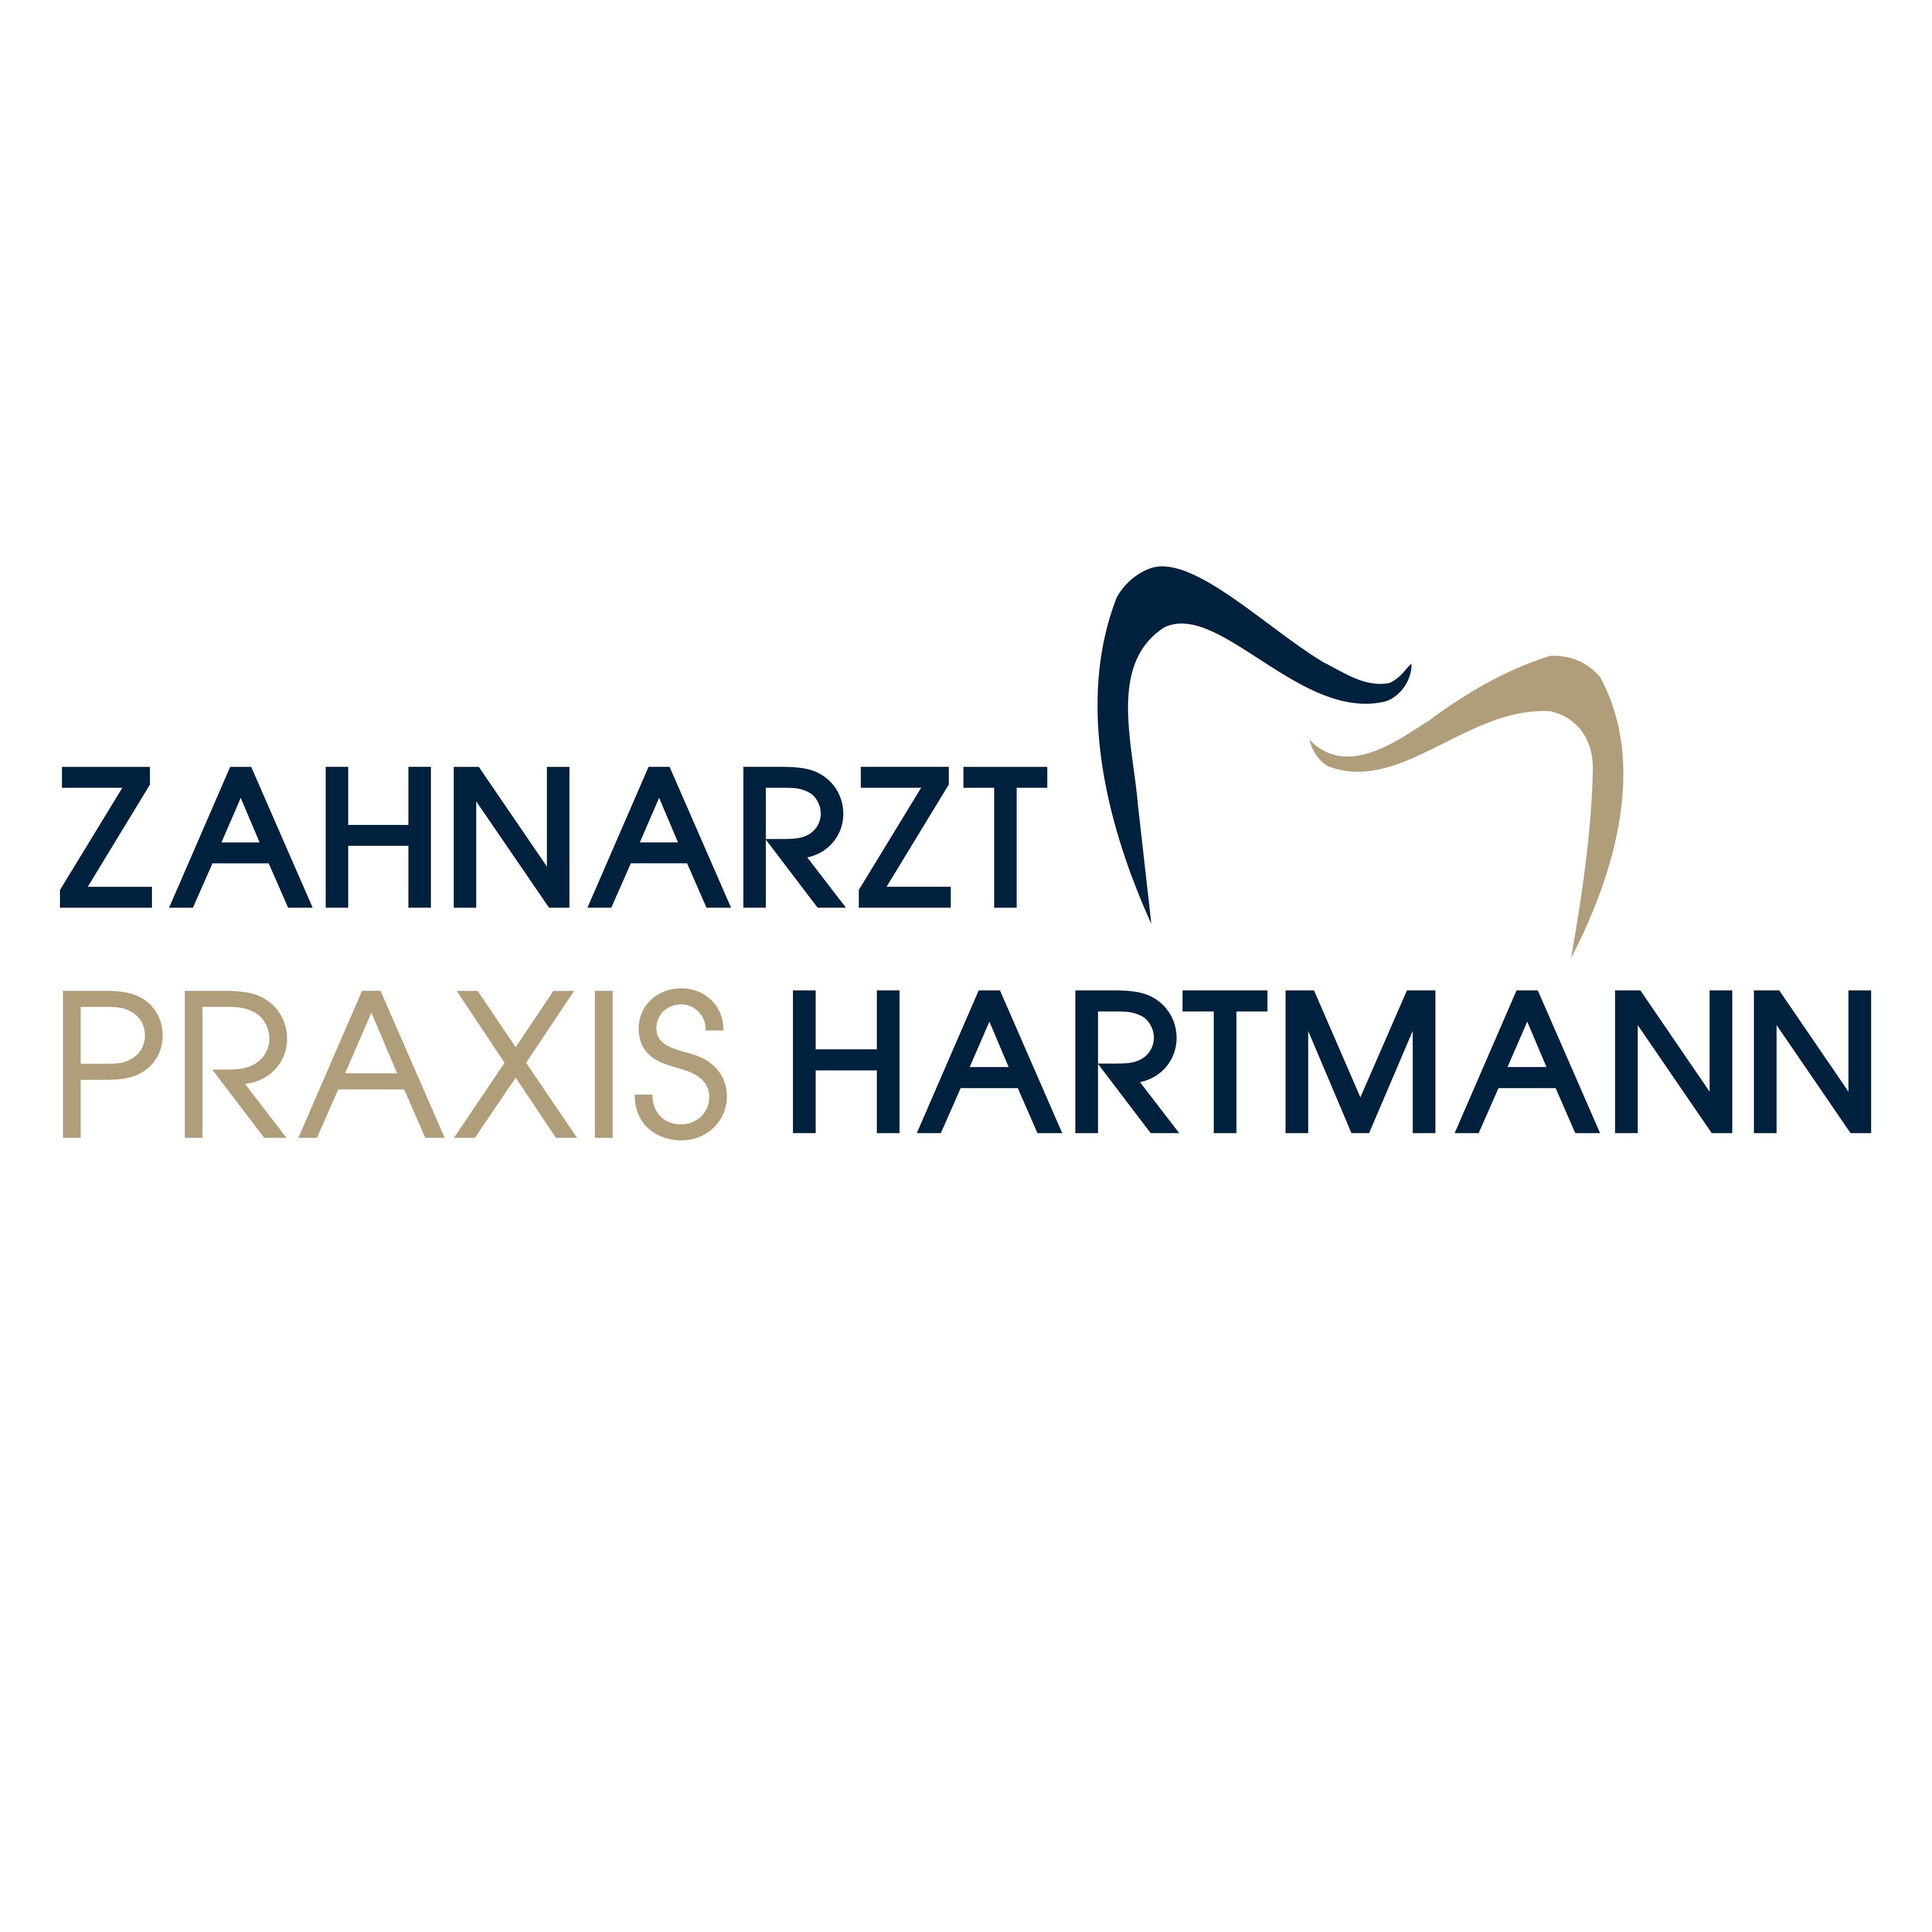 Geschäftslogo Zahnarzt Praxis Hartmann